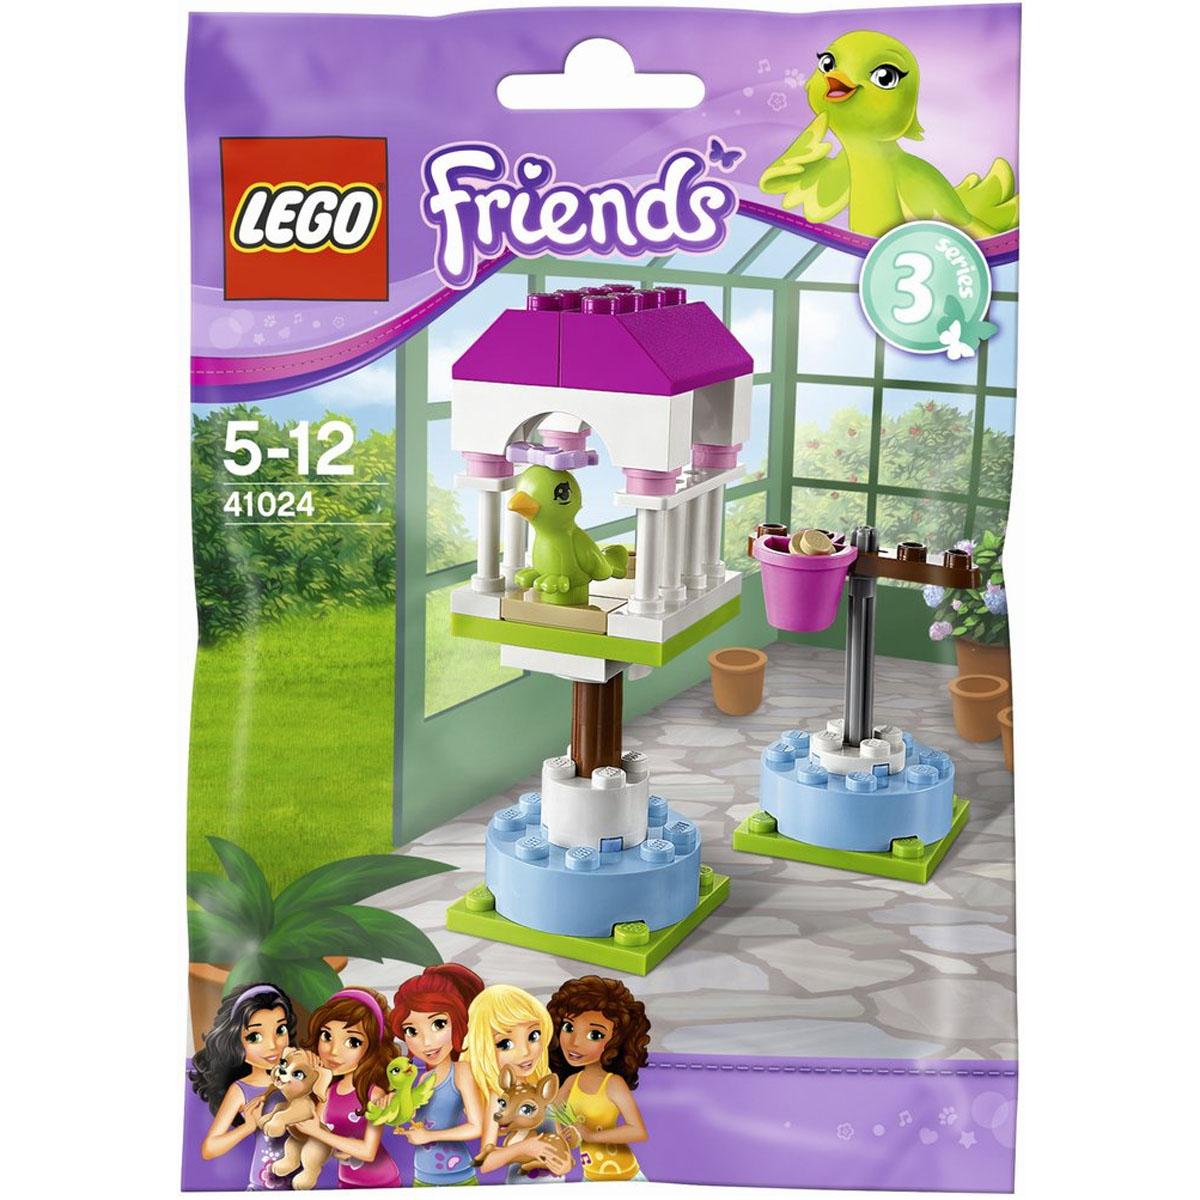 Đồ chơi xếp hình lego 41024